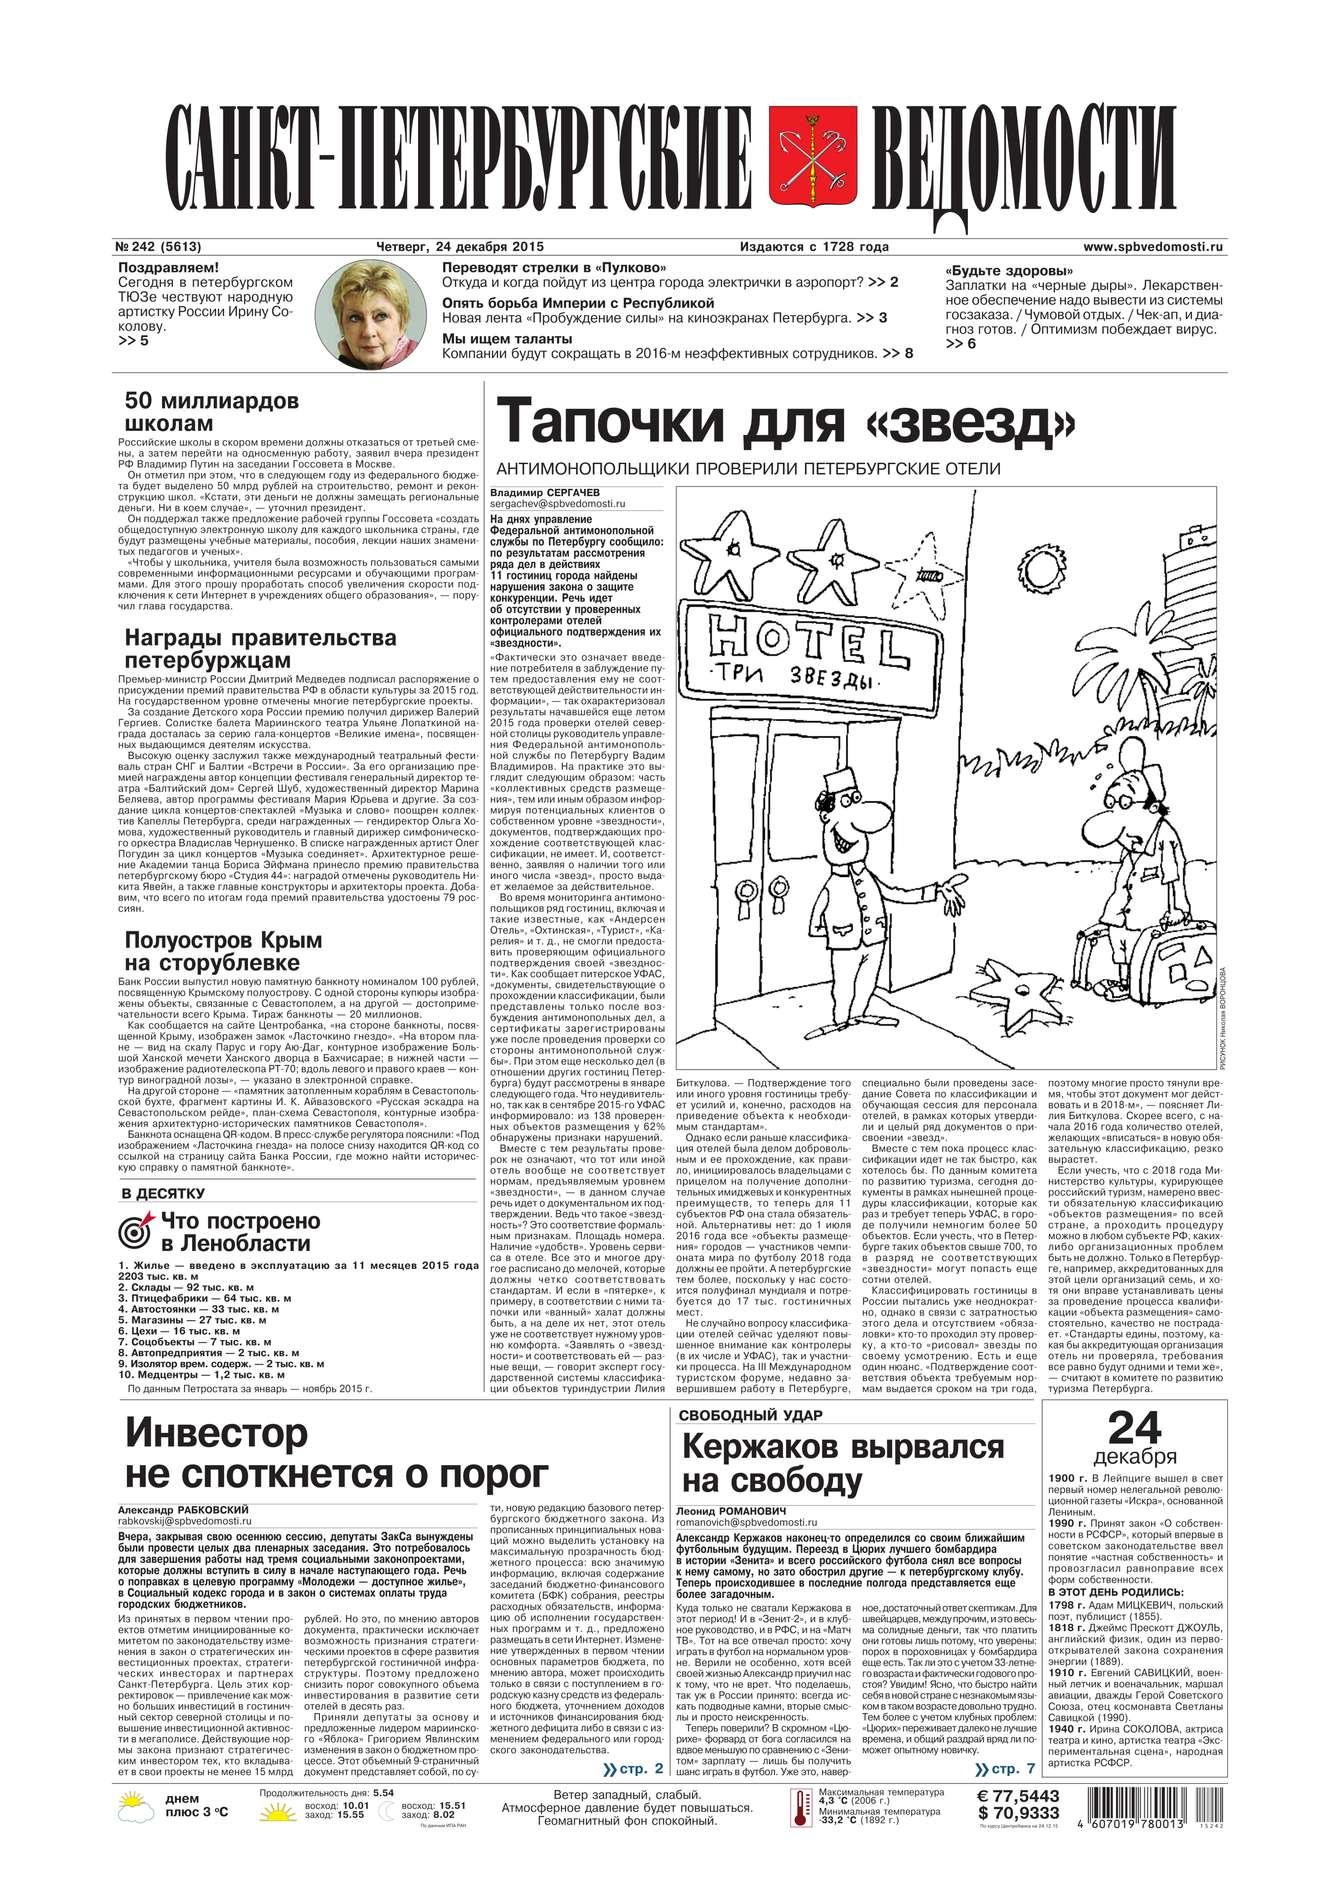 Санкт-Петербургские ведомости 242-2015